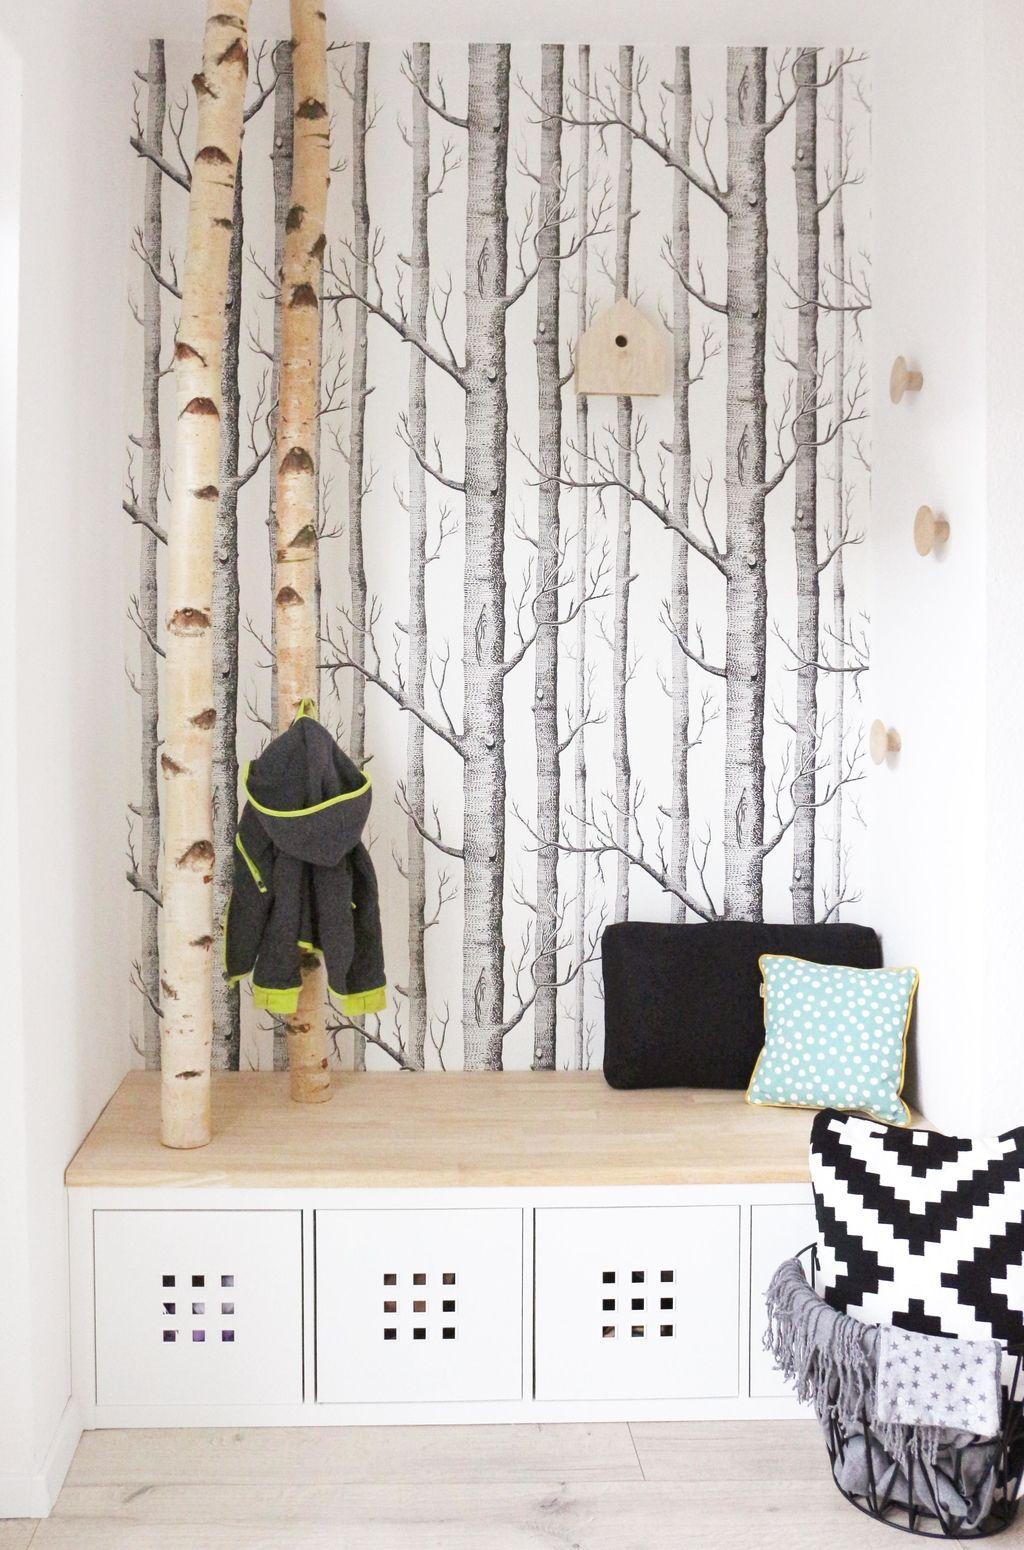 Meine selbstgebaute Garderobe mit Birkenstämmen. Ich liebe sie!!! #skani  #birke #garderobe #flur #diy #gingeredthings